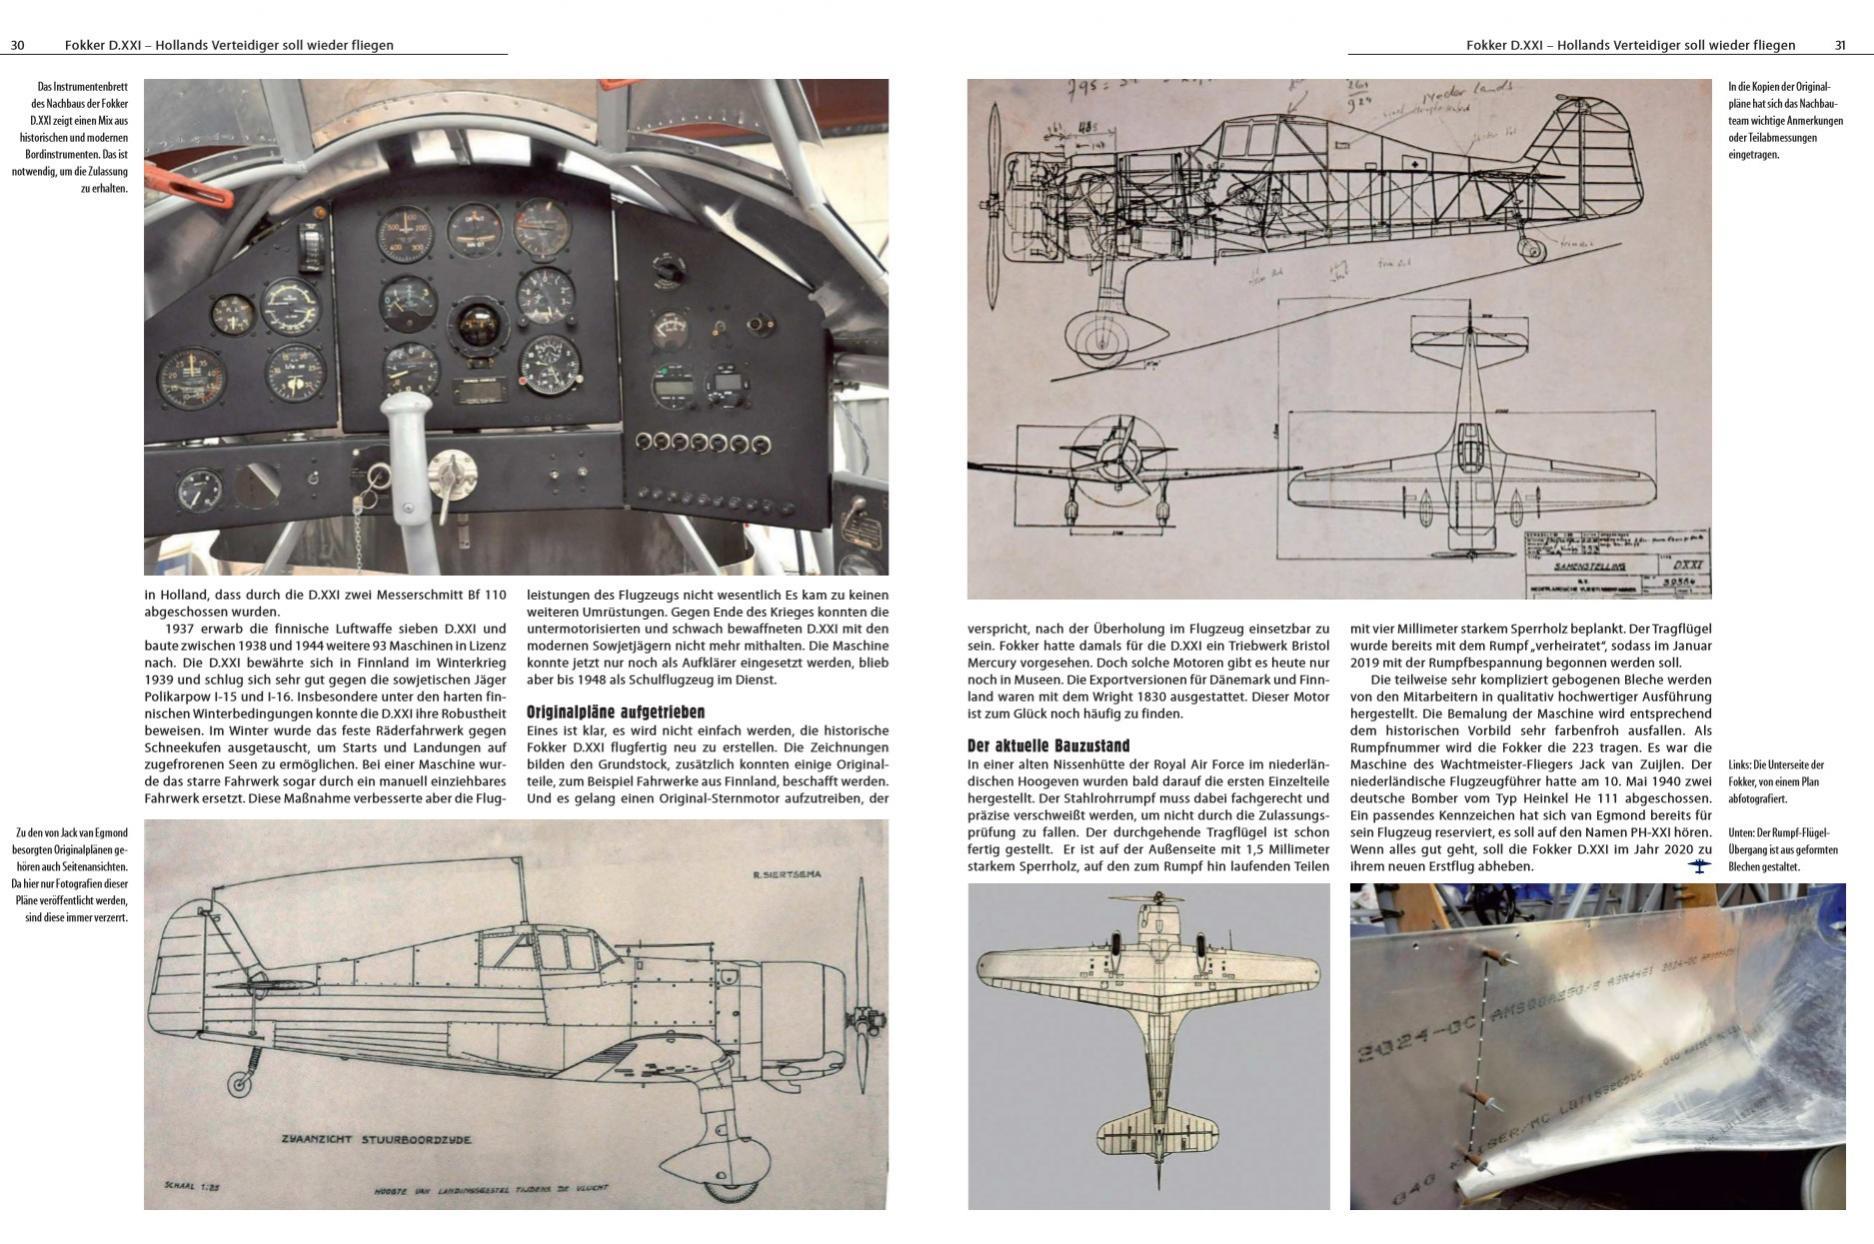 Naam: Fliegerrevue X 75 - Hollands verteidiger soll wieder fliegen 12.jpg Bekeken: 62 Grootte: 313,3 KB